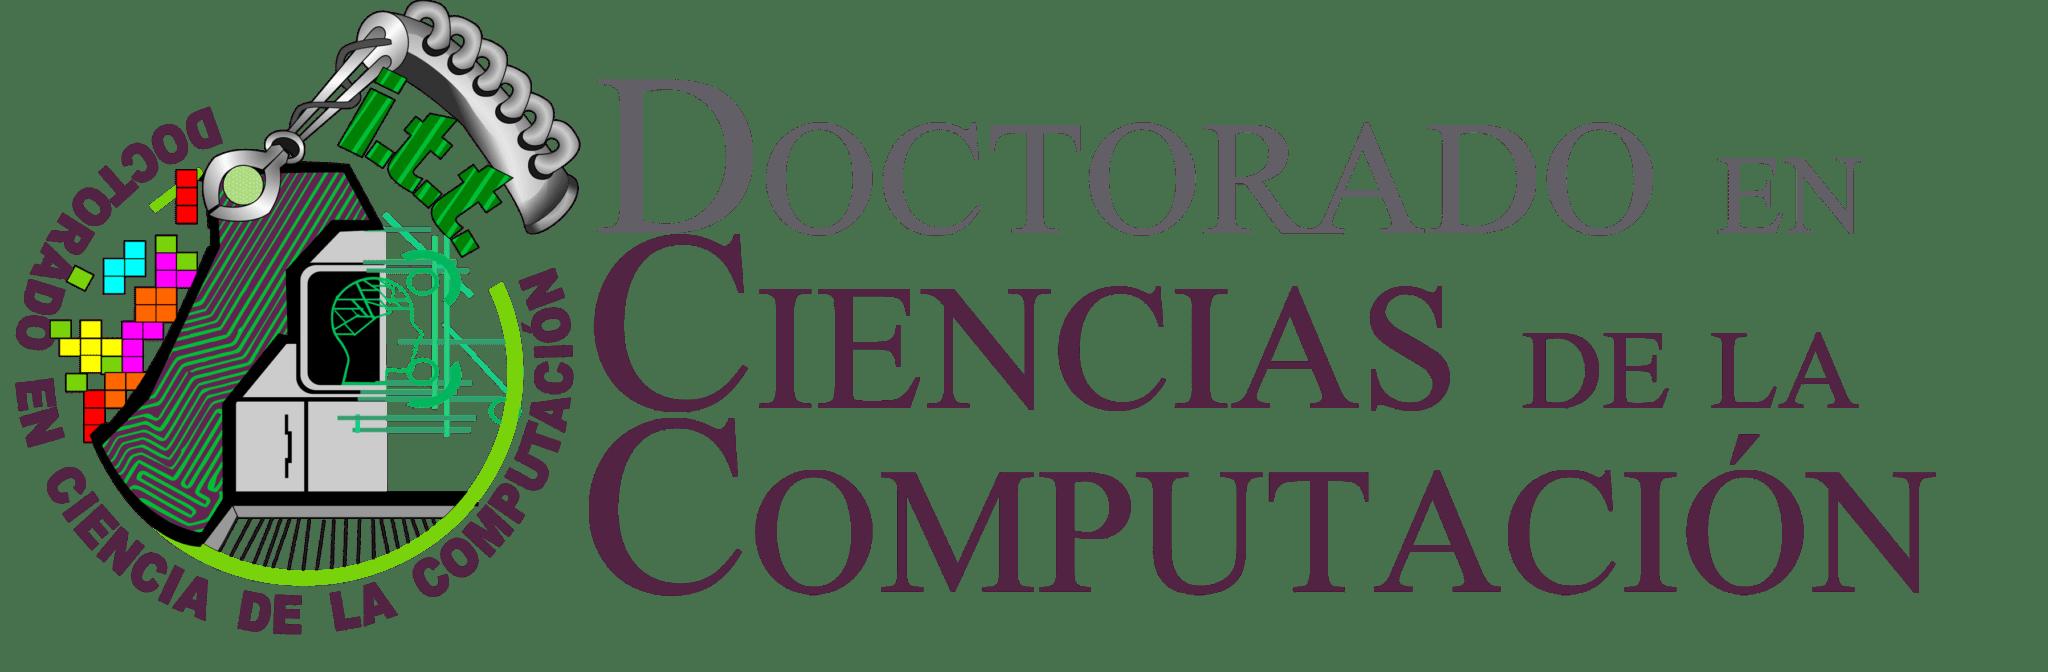 DOCTORADO EN CIENCIAS DE LA COMPUTACION_HEADING